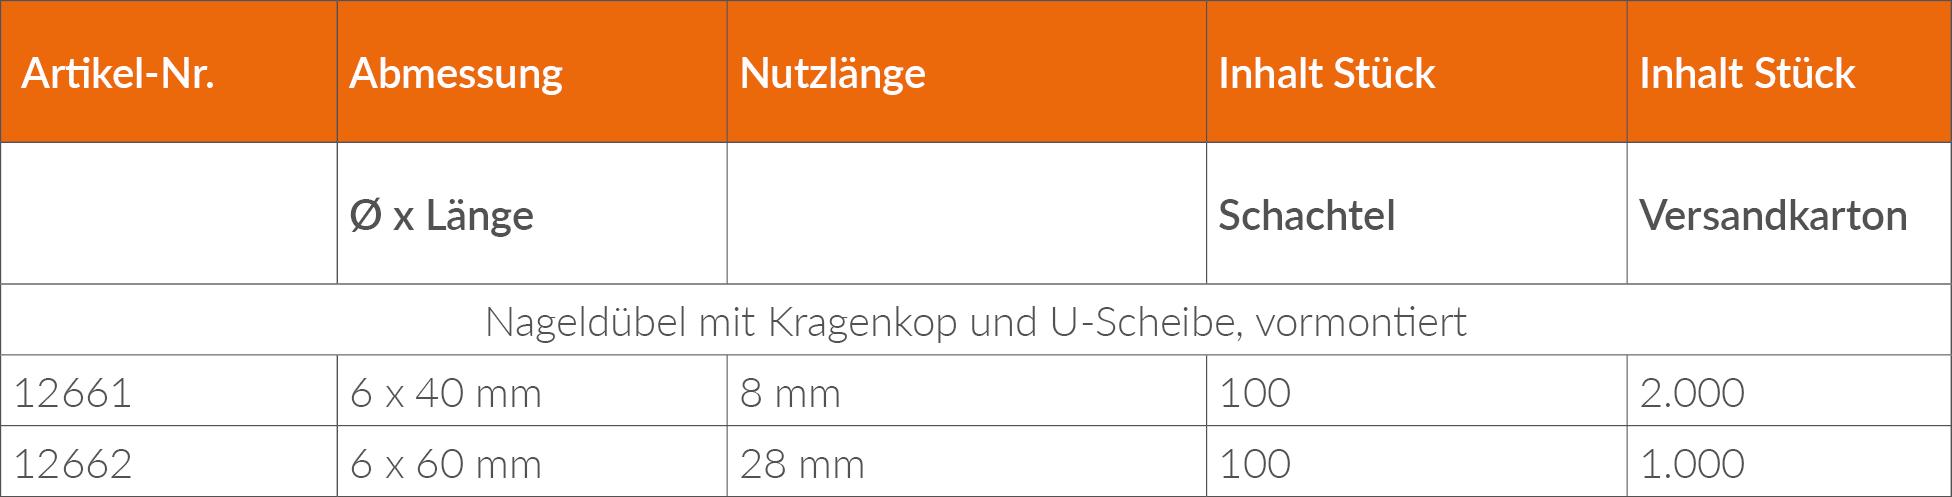 Lattungs-Nageldübel_mitU-Scheibe_Lieferprogramm